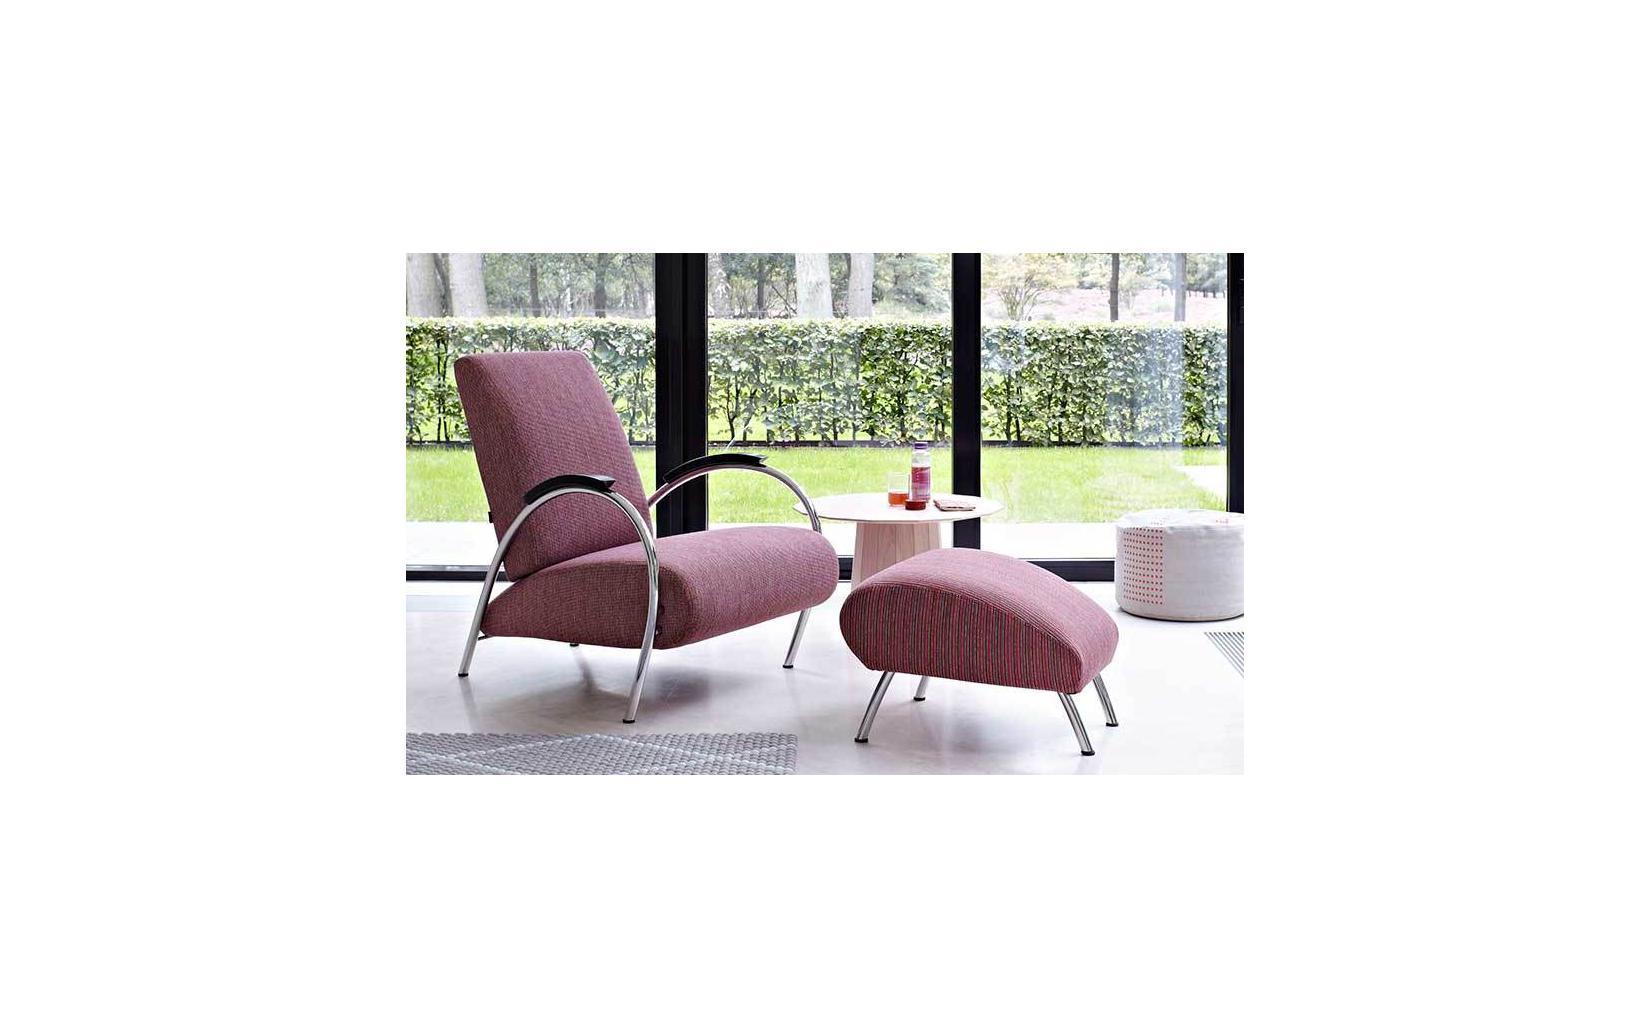 Gelderland 5770 Fauteuil Design Jan Des Bouvrie.Fauteuil 5775 Van Gelderland Woonrijk Leegstra